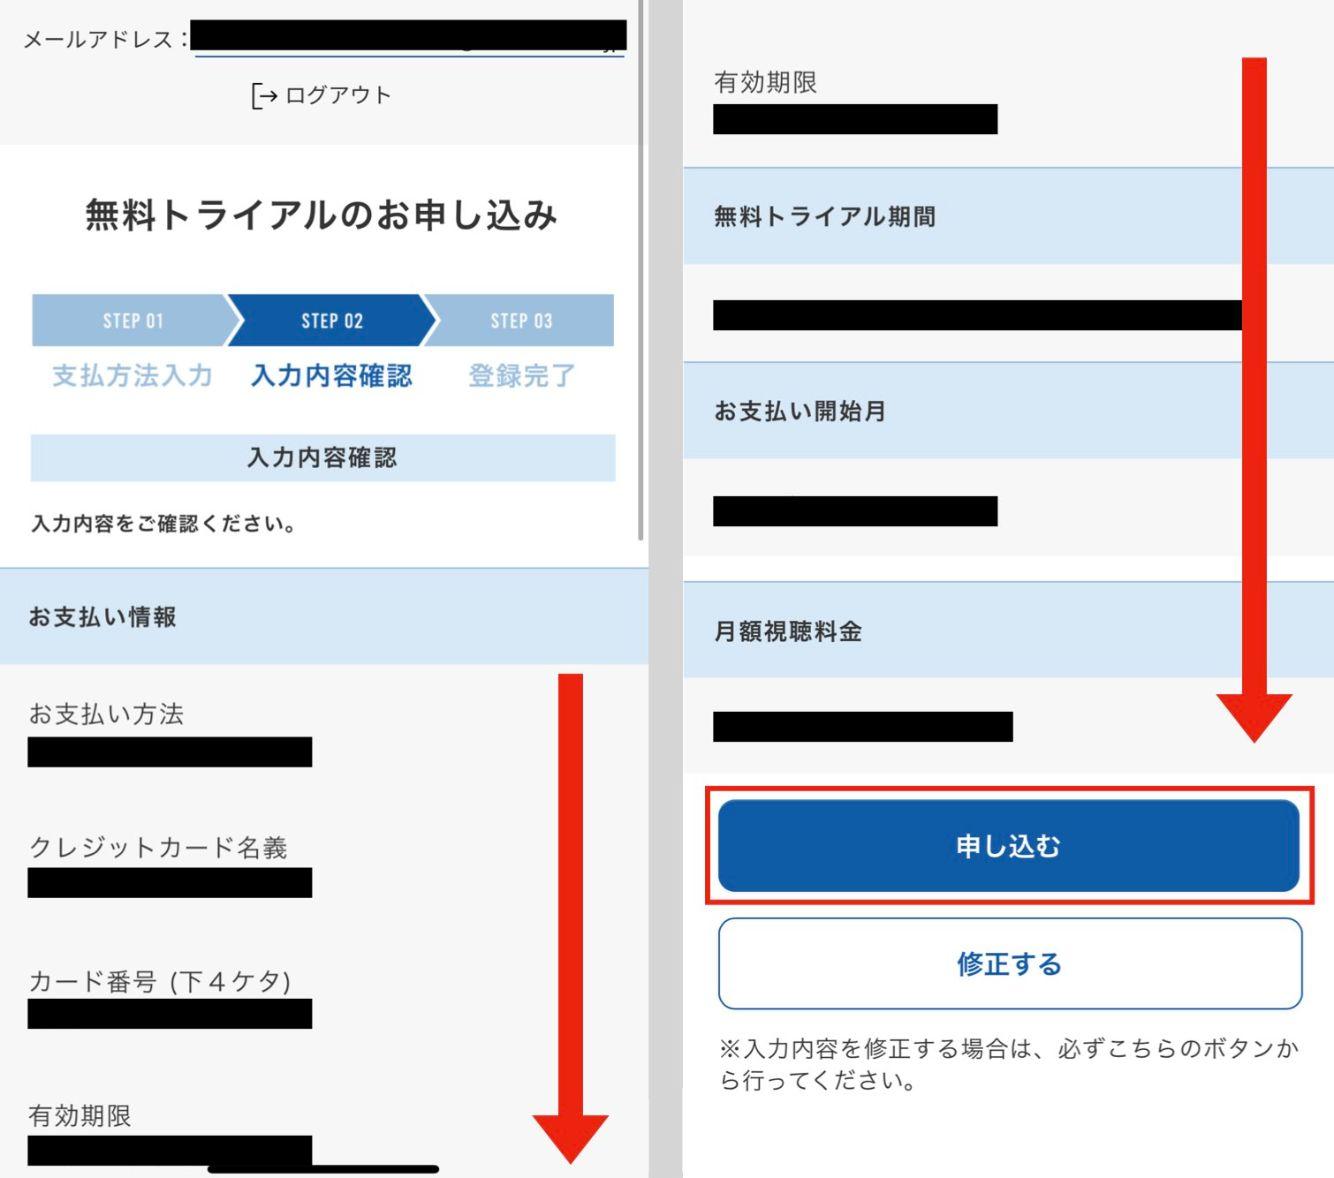 【WOWOWオンデマンドへの申し込み手順7】登録内容を確認して「申し込む」を選択